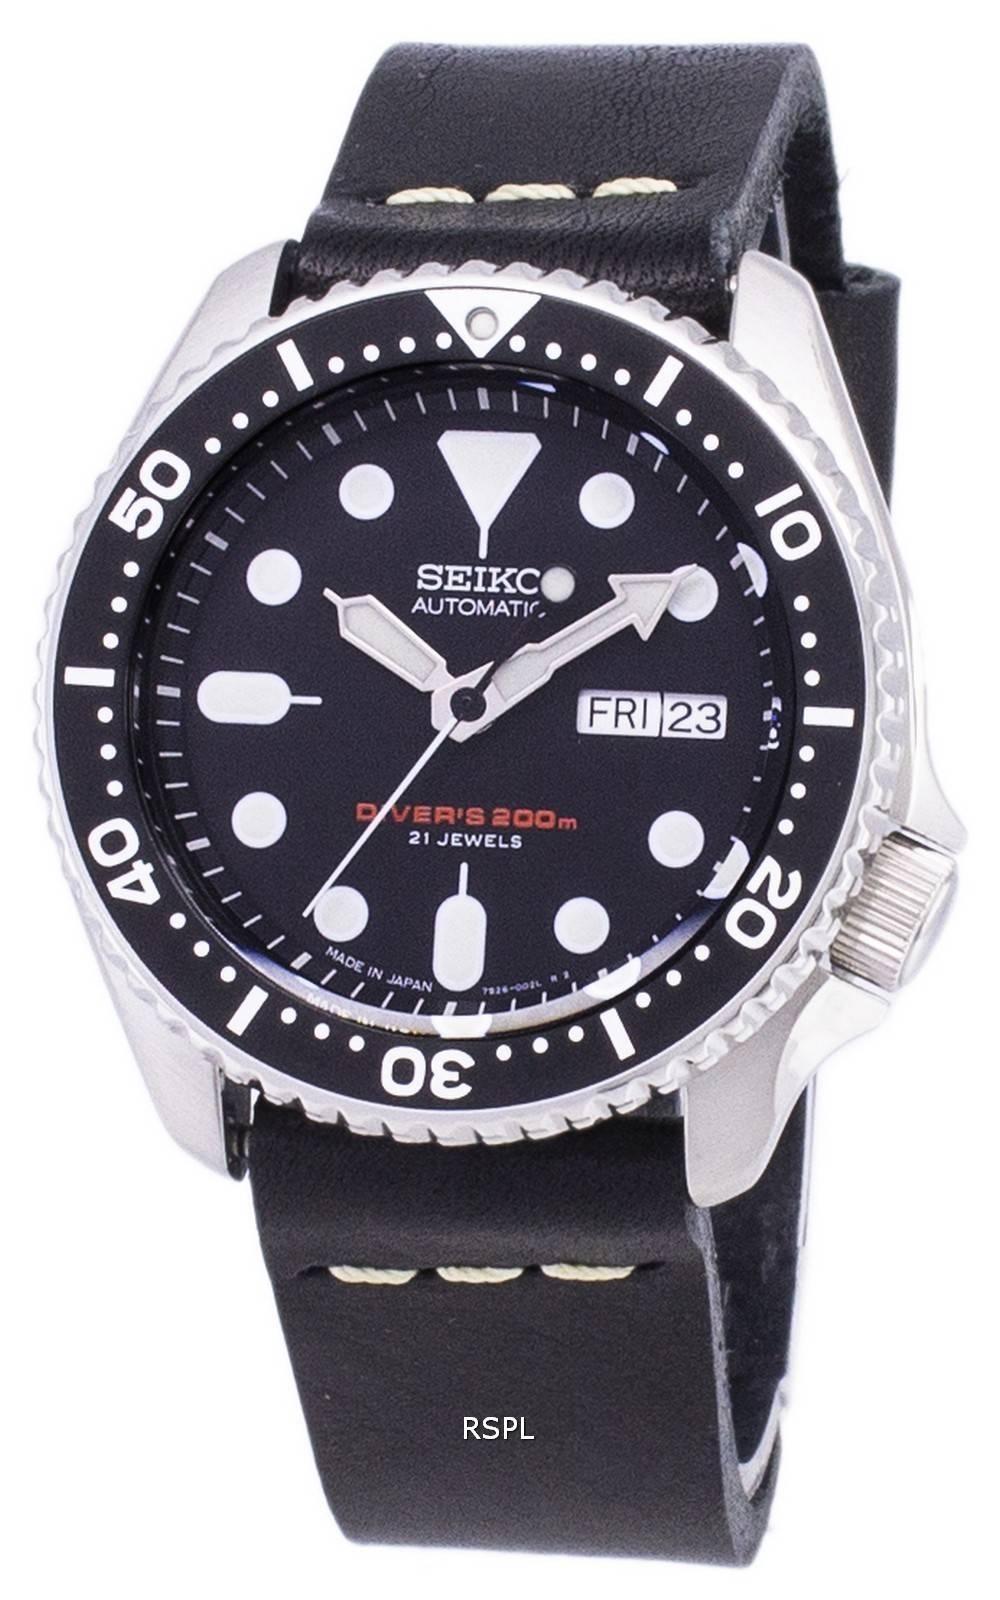 Schwarzem Automatik Hergestellt Ls14 Japan Diver Armband Skx007j1 Aus Leder Herrenuhr Seiko 200m PXZTklwiOu